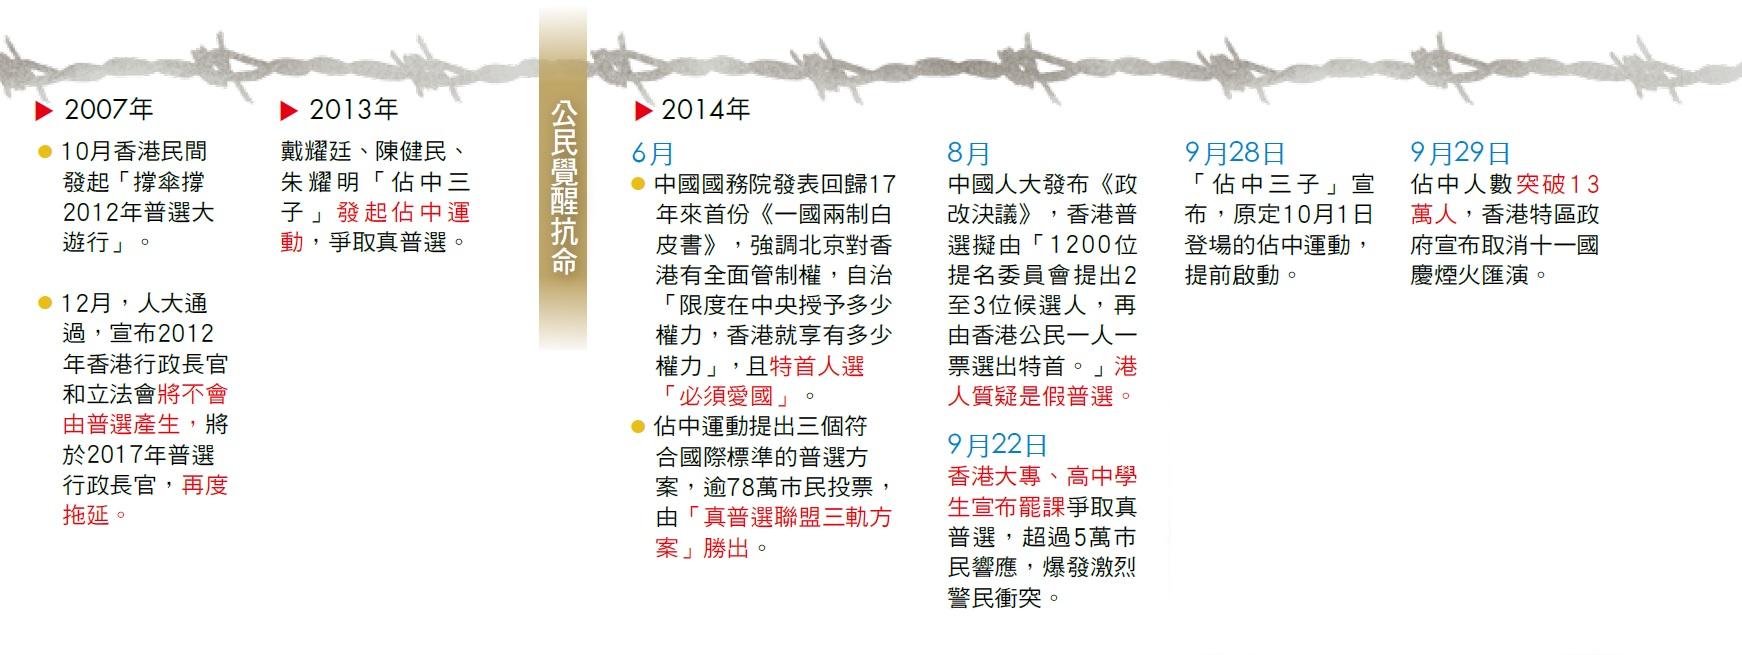 香港爭普選30年大事紀